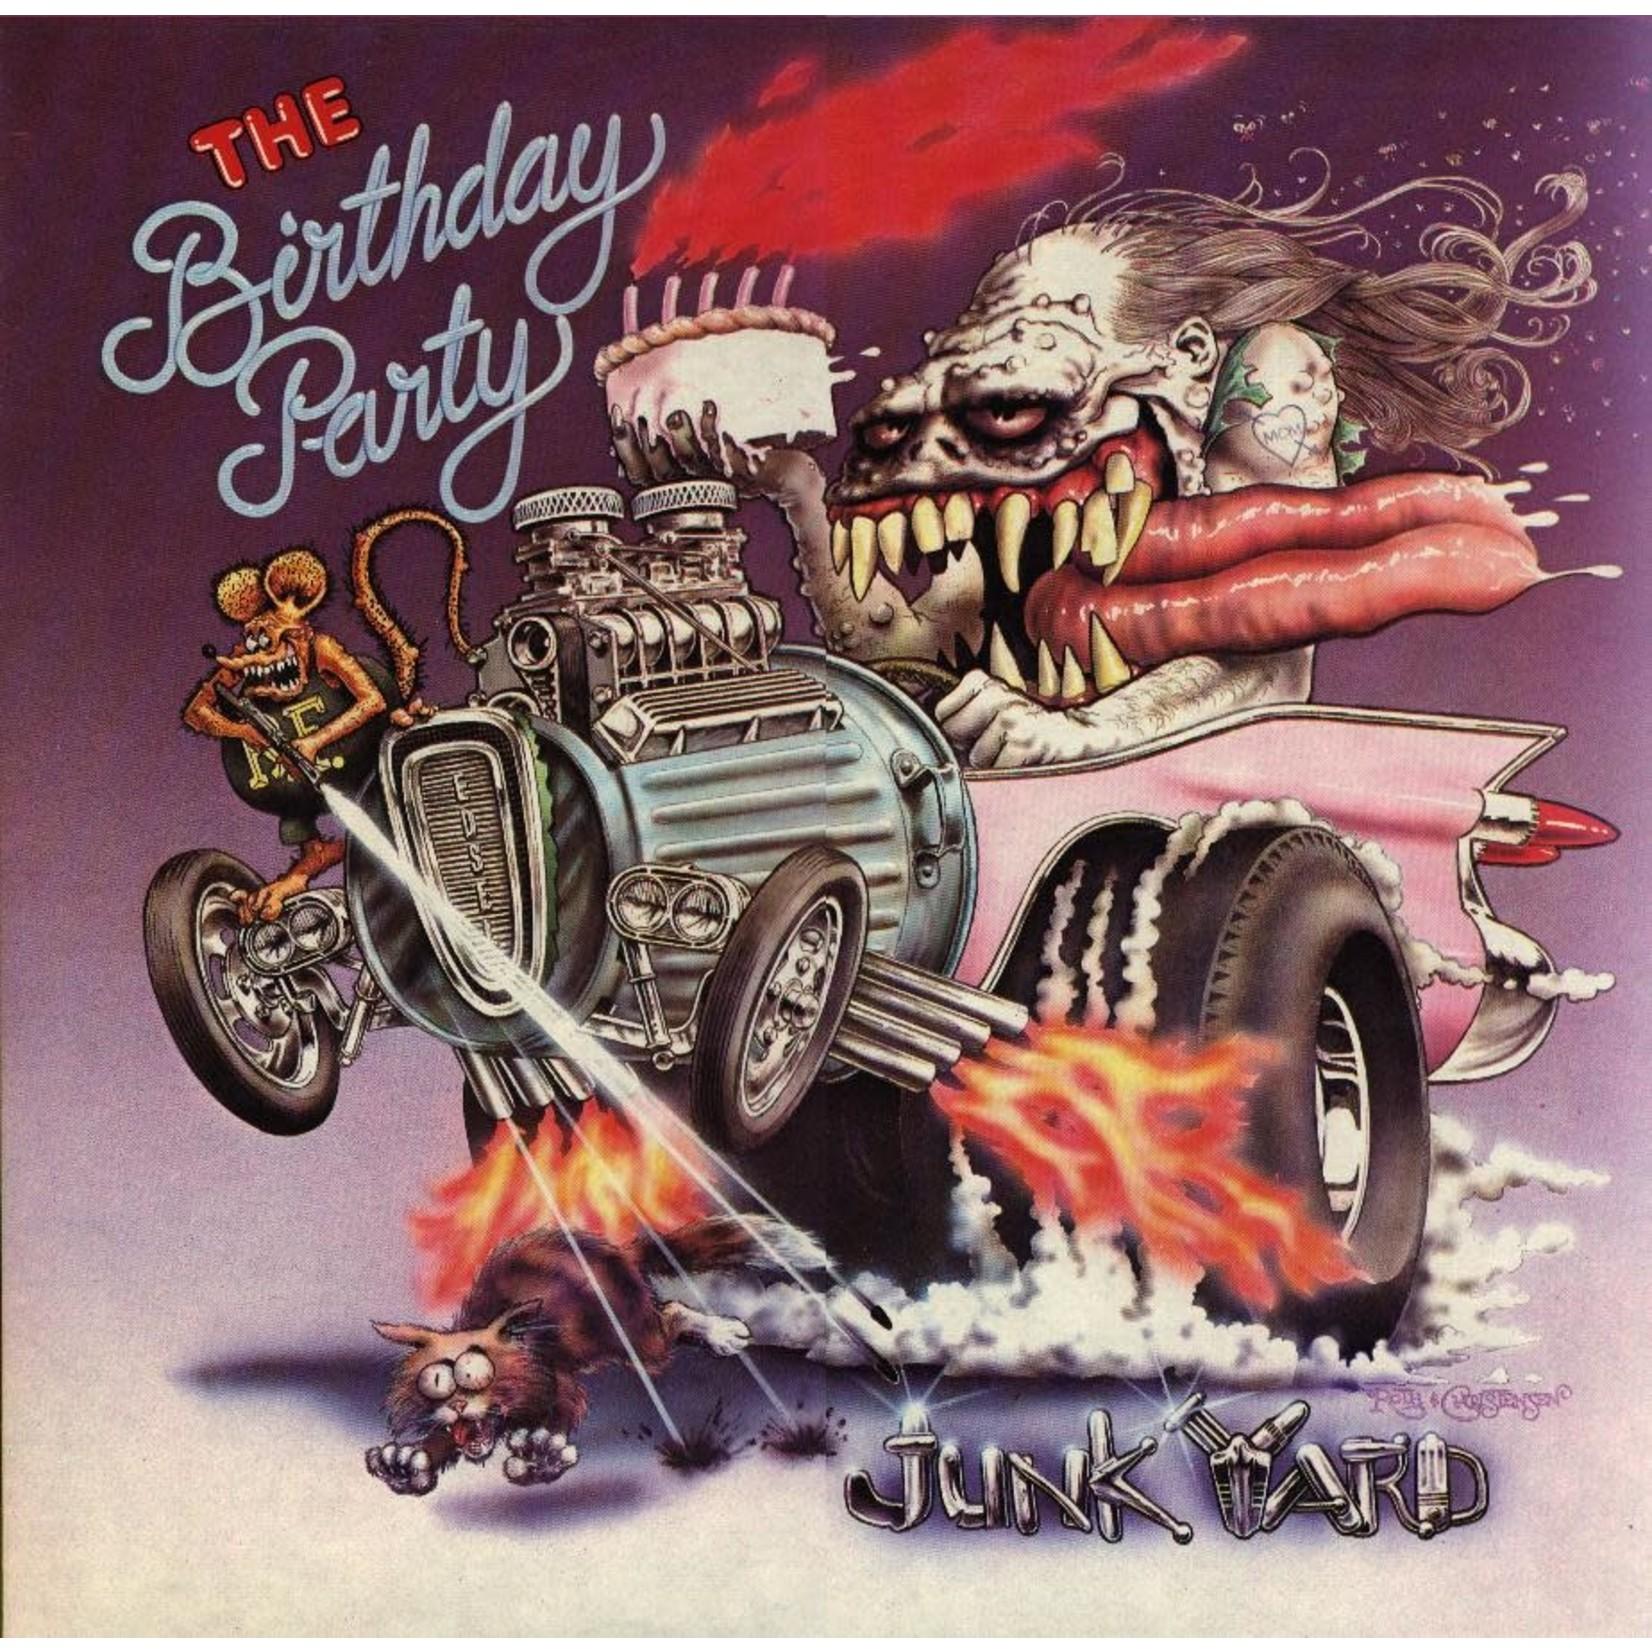 [New] Birthday Party: Junkyard (orange vinyl)